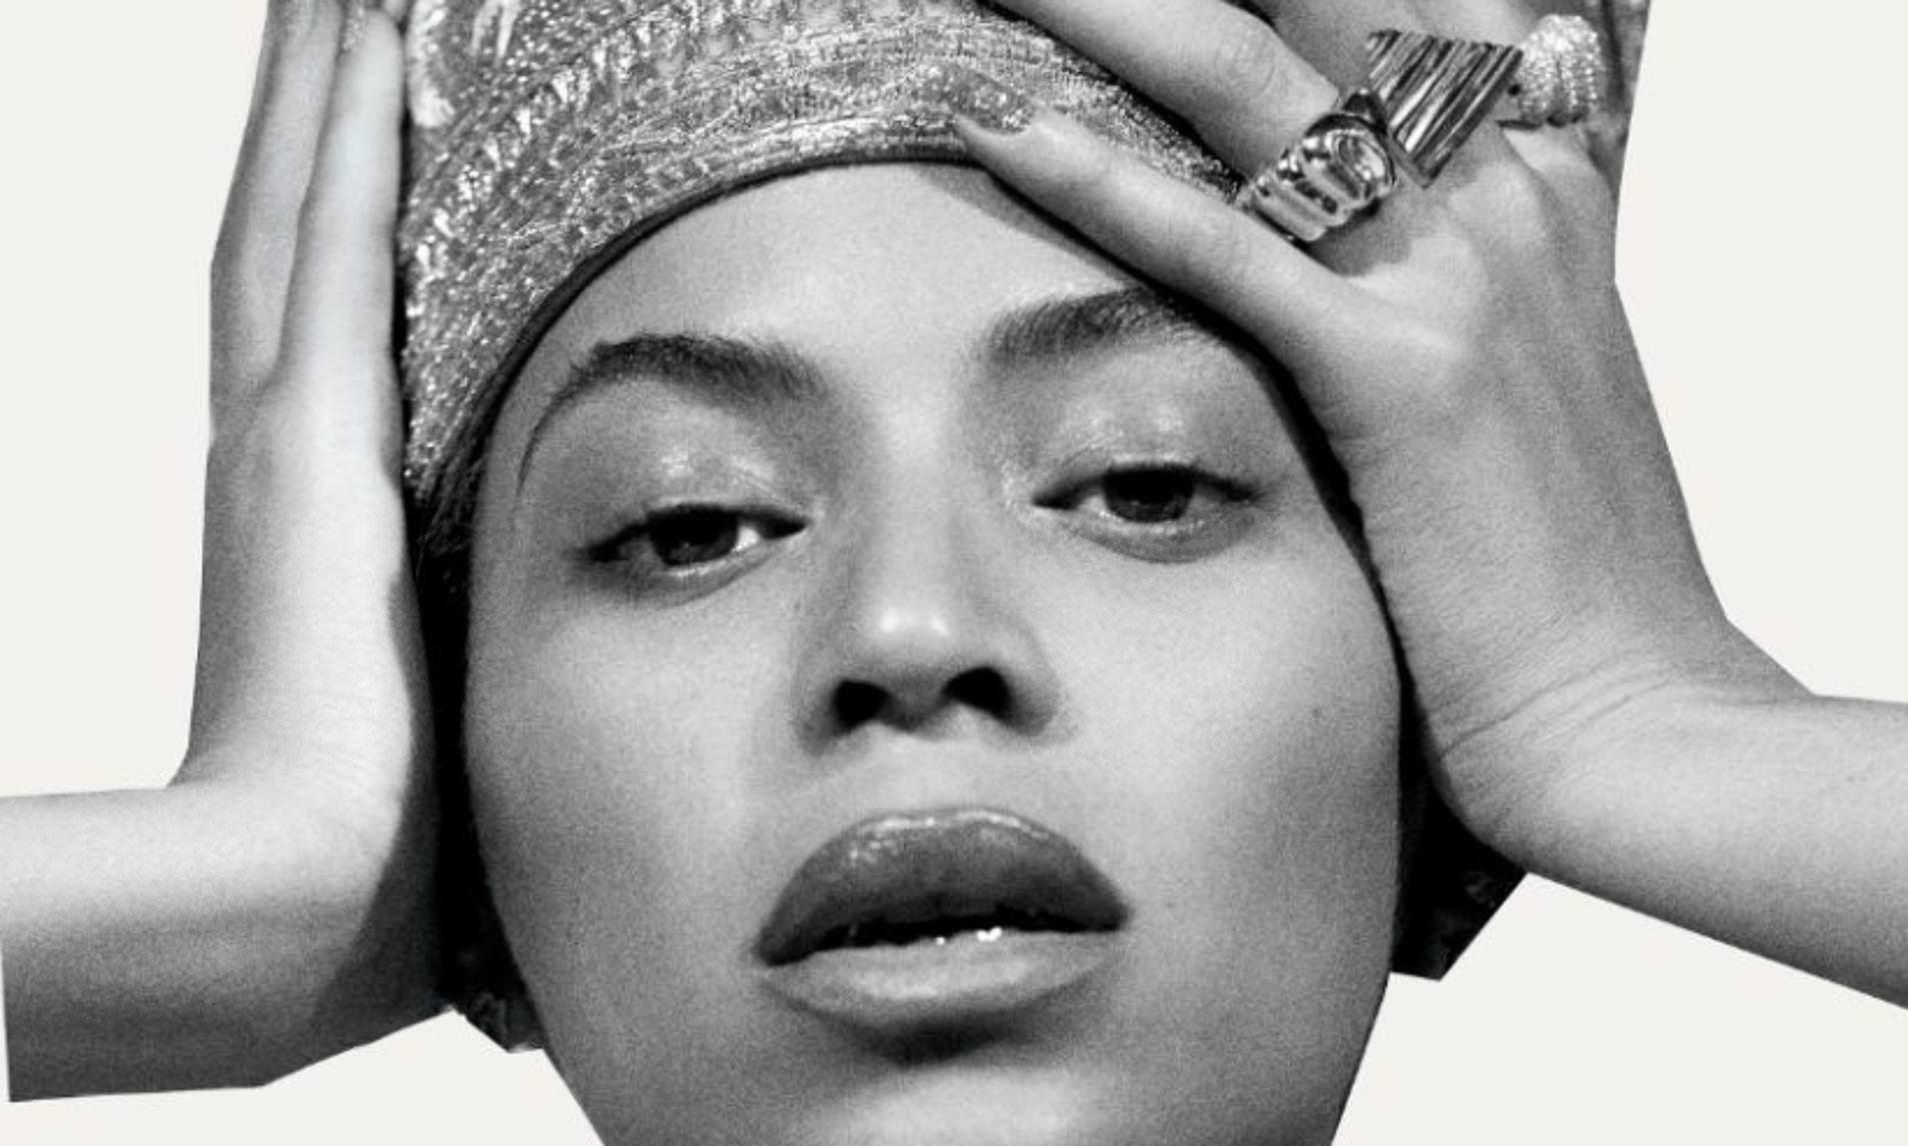 Staigmena: Beyoncé netikėtai išleido nauja albumą